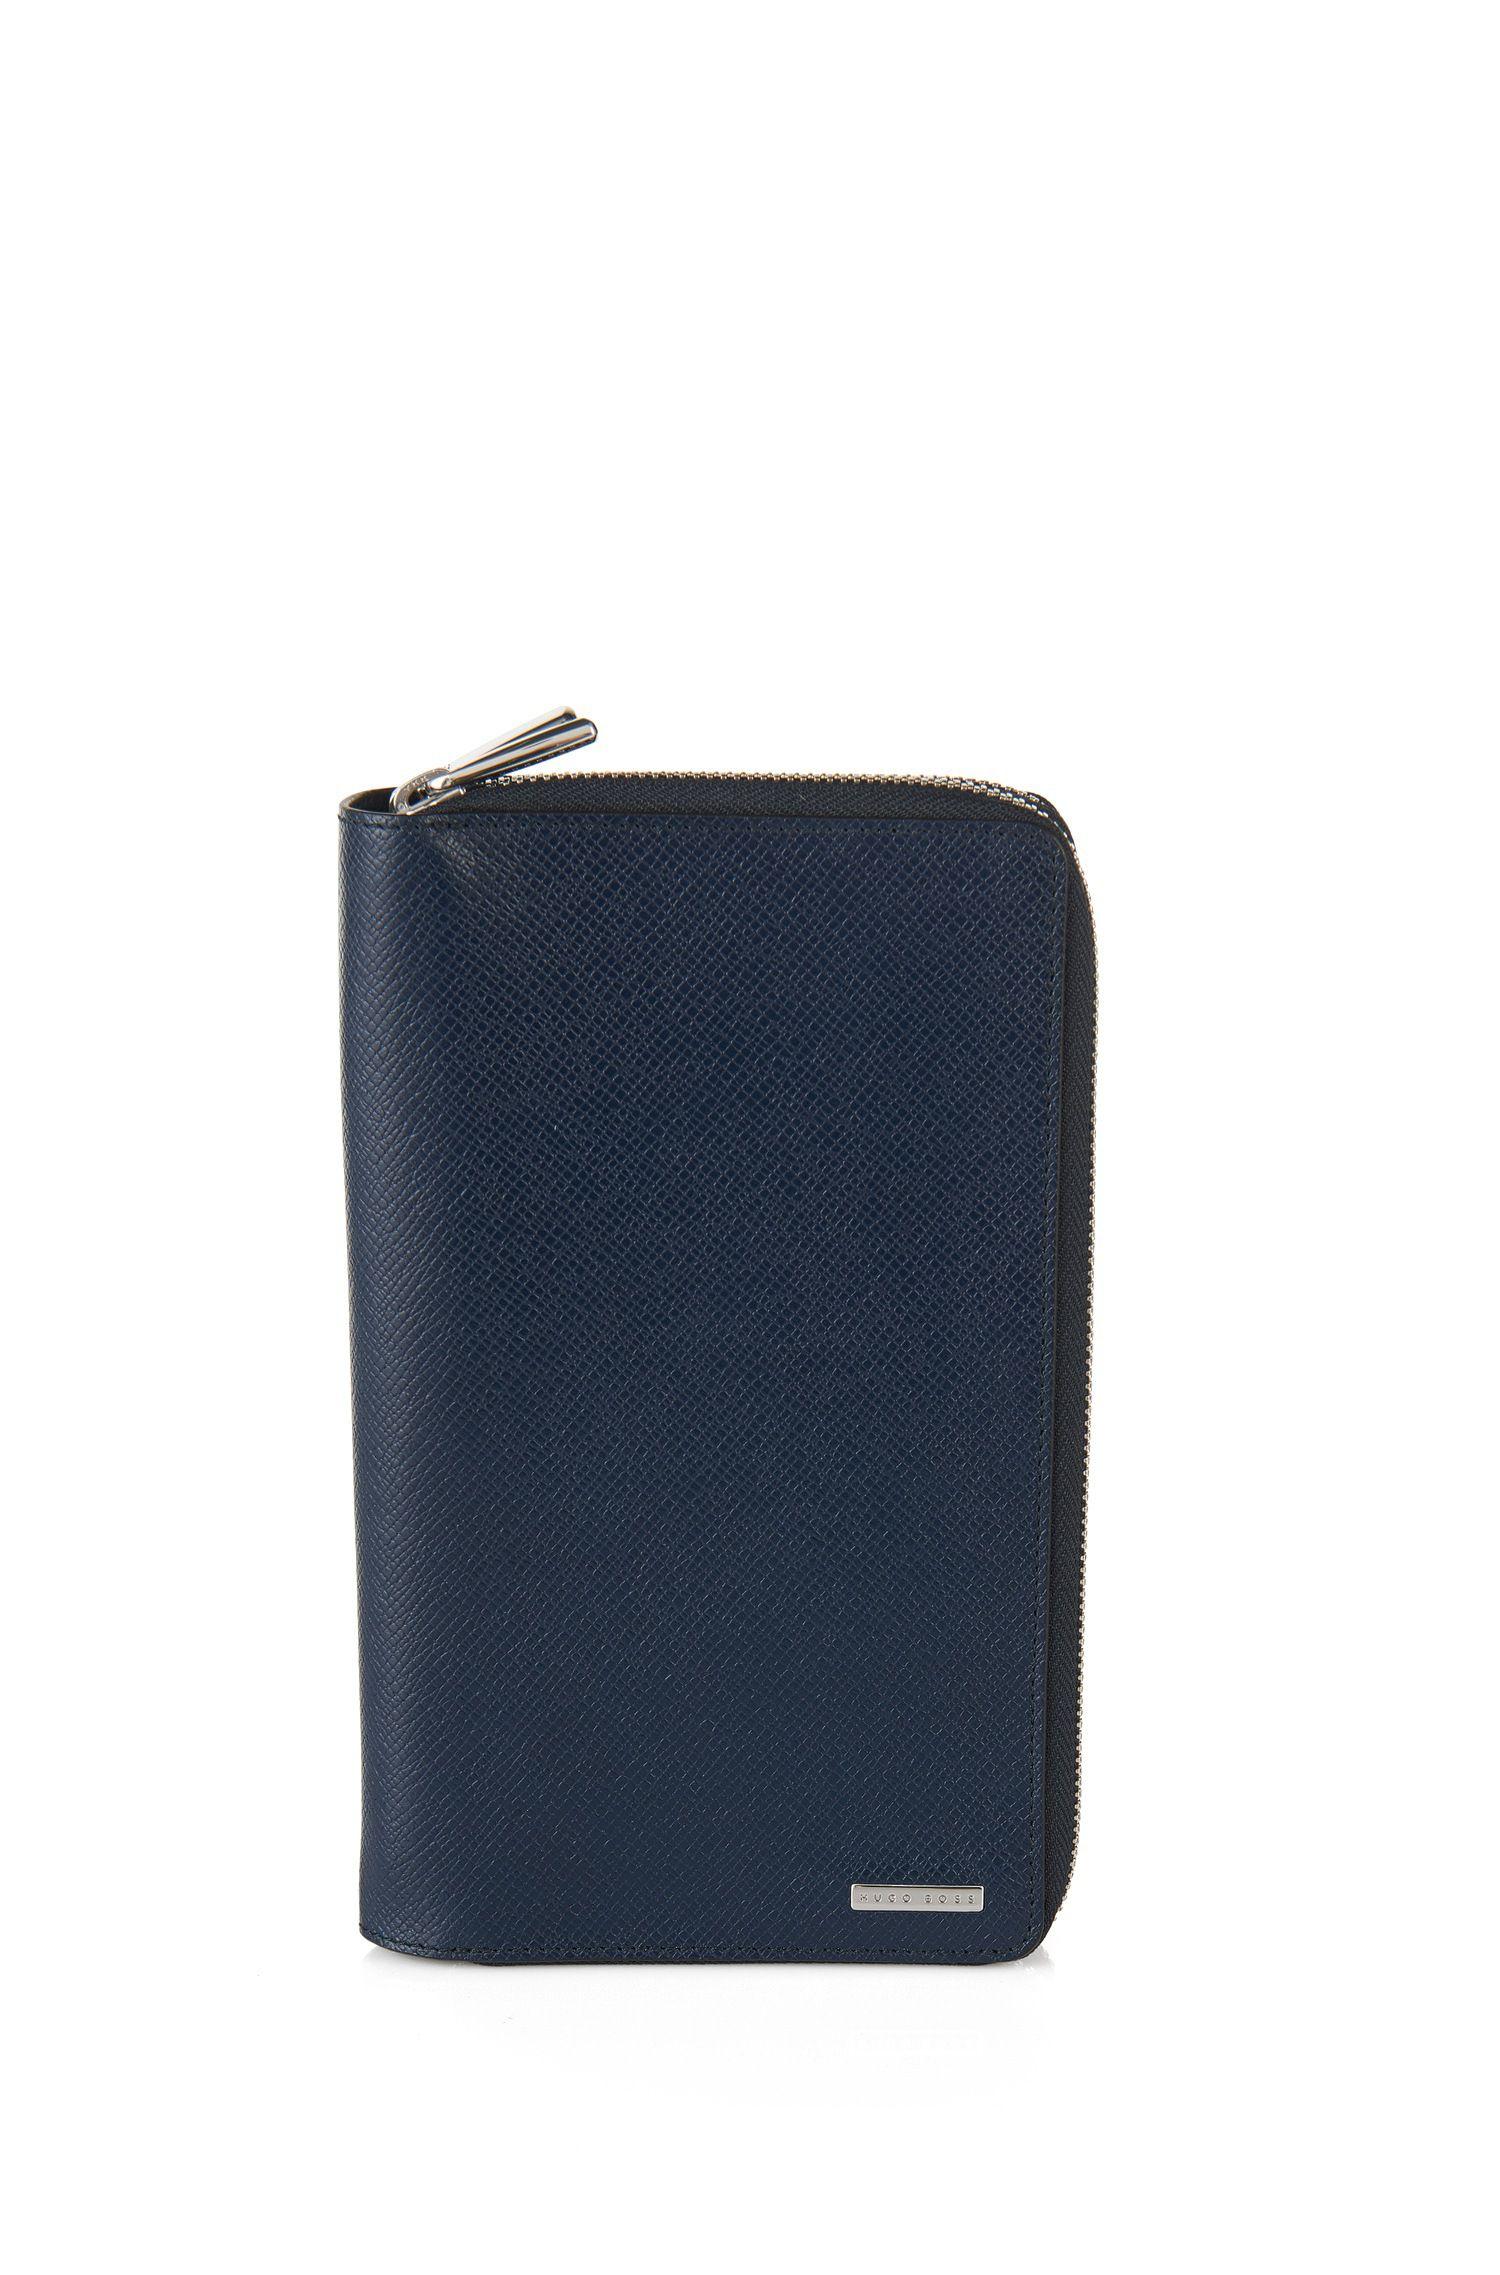 Portefeuille issu de la collection Signature, en cuir palmellato